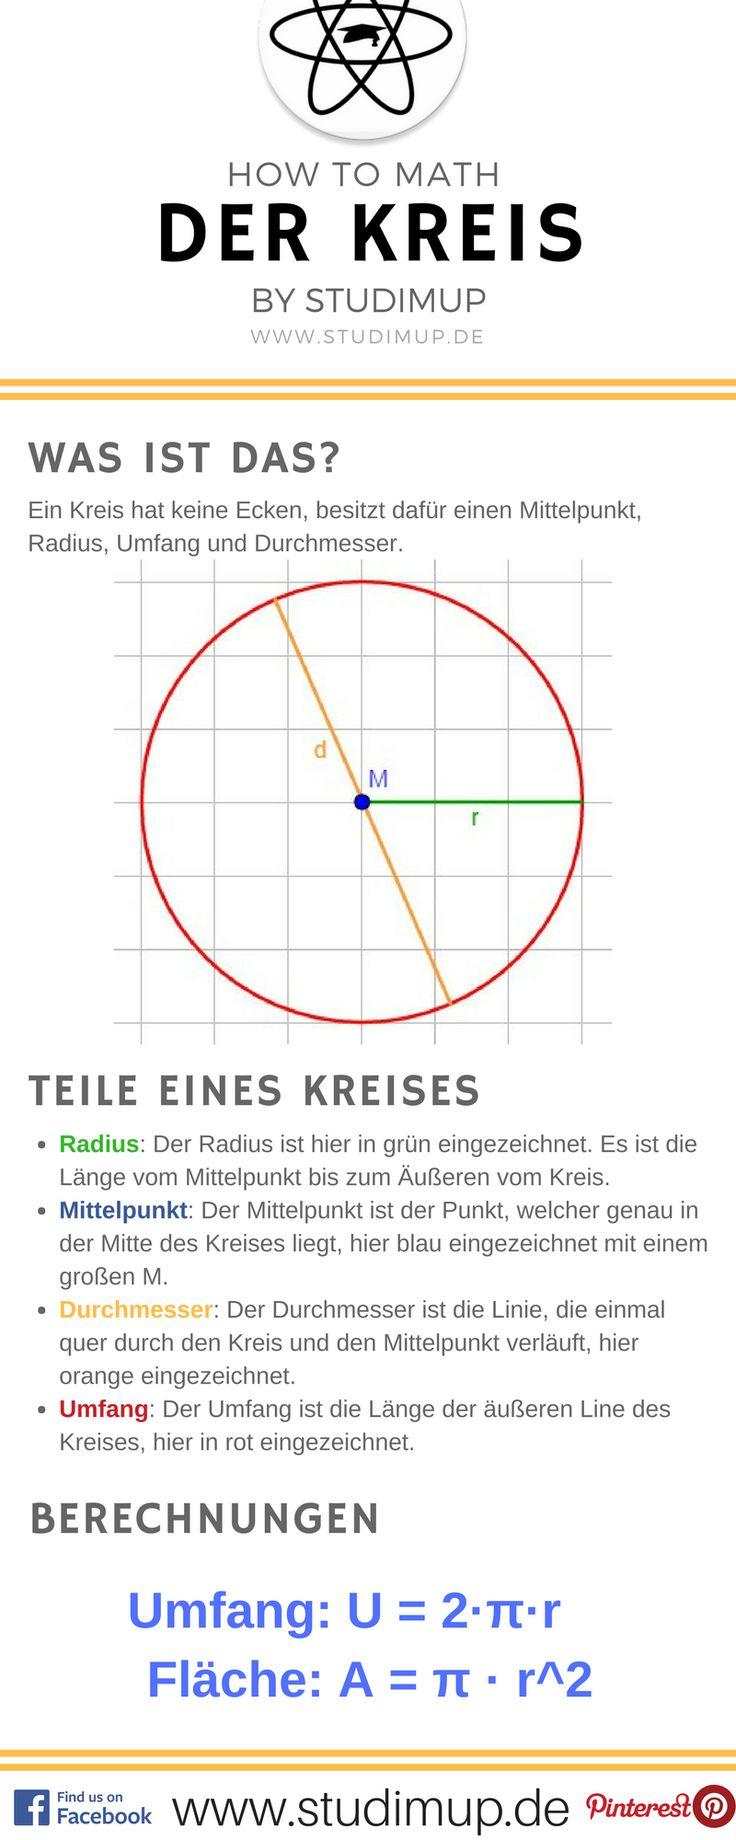 Der Kreis einfach im Mathe Spicker erklärt mit allen Längen und der Berechnung von Fläche und Umfang. #Mathe #Kreis #Fläche